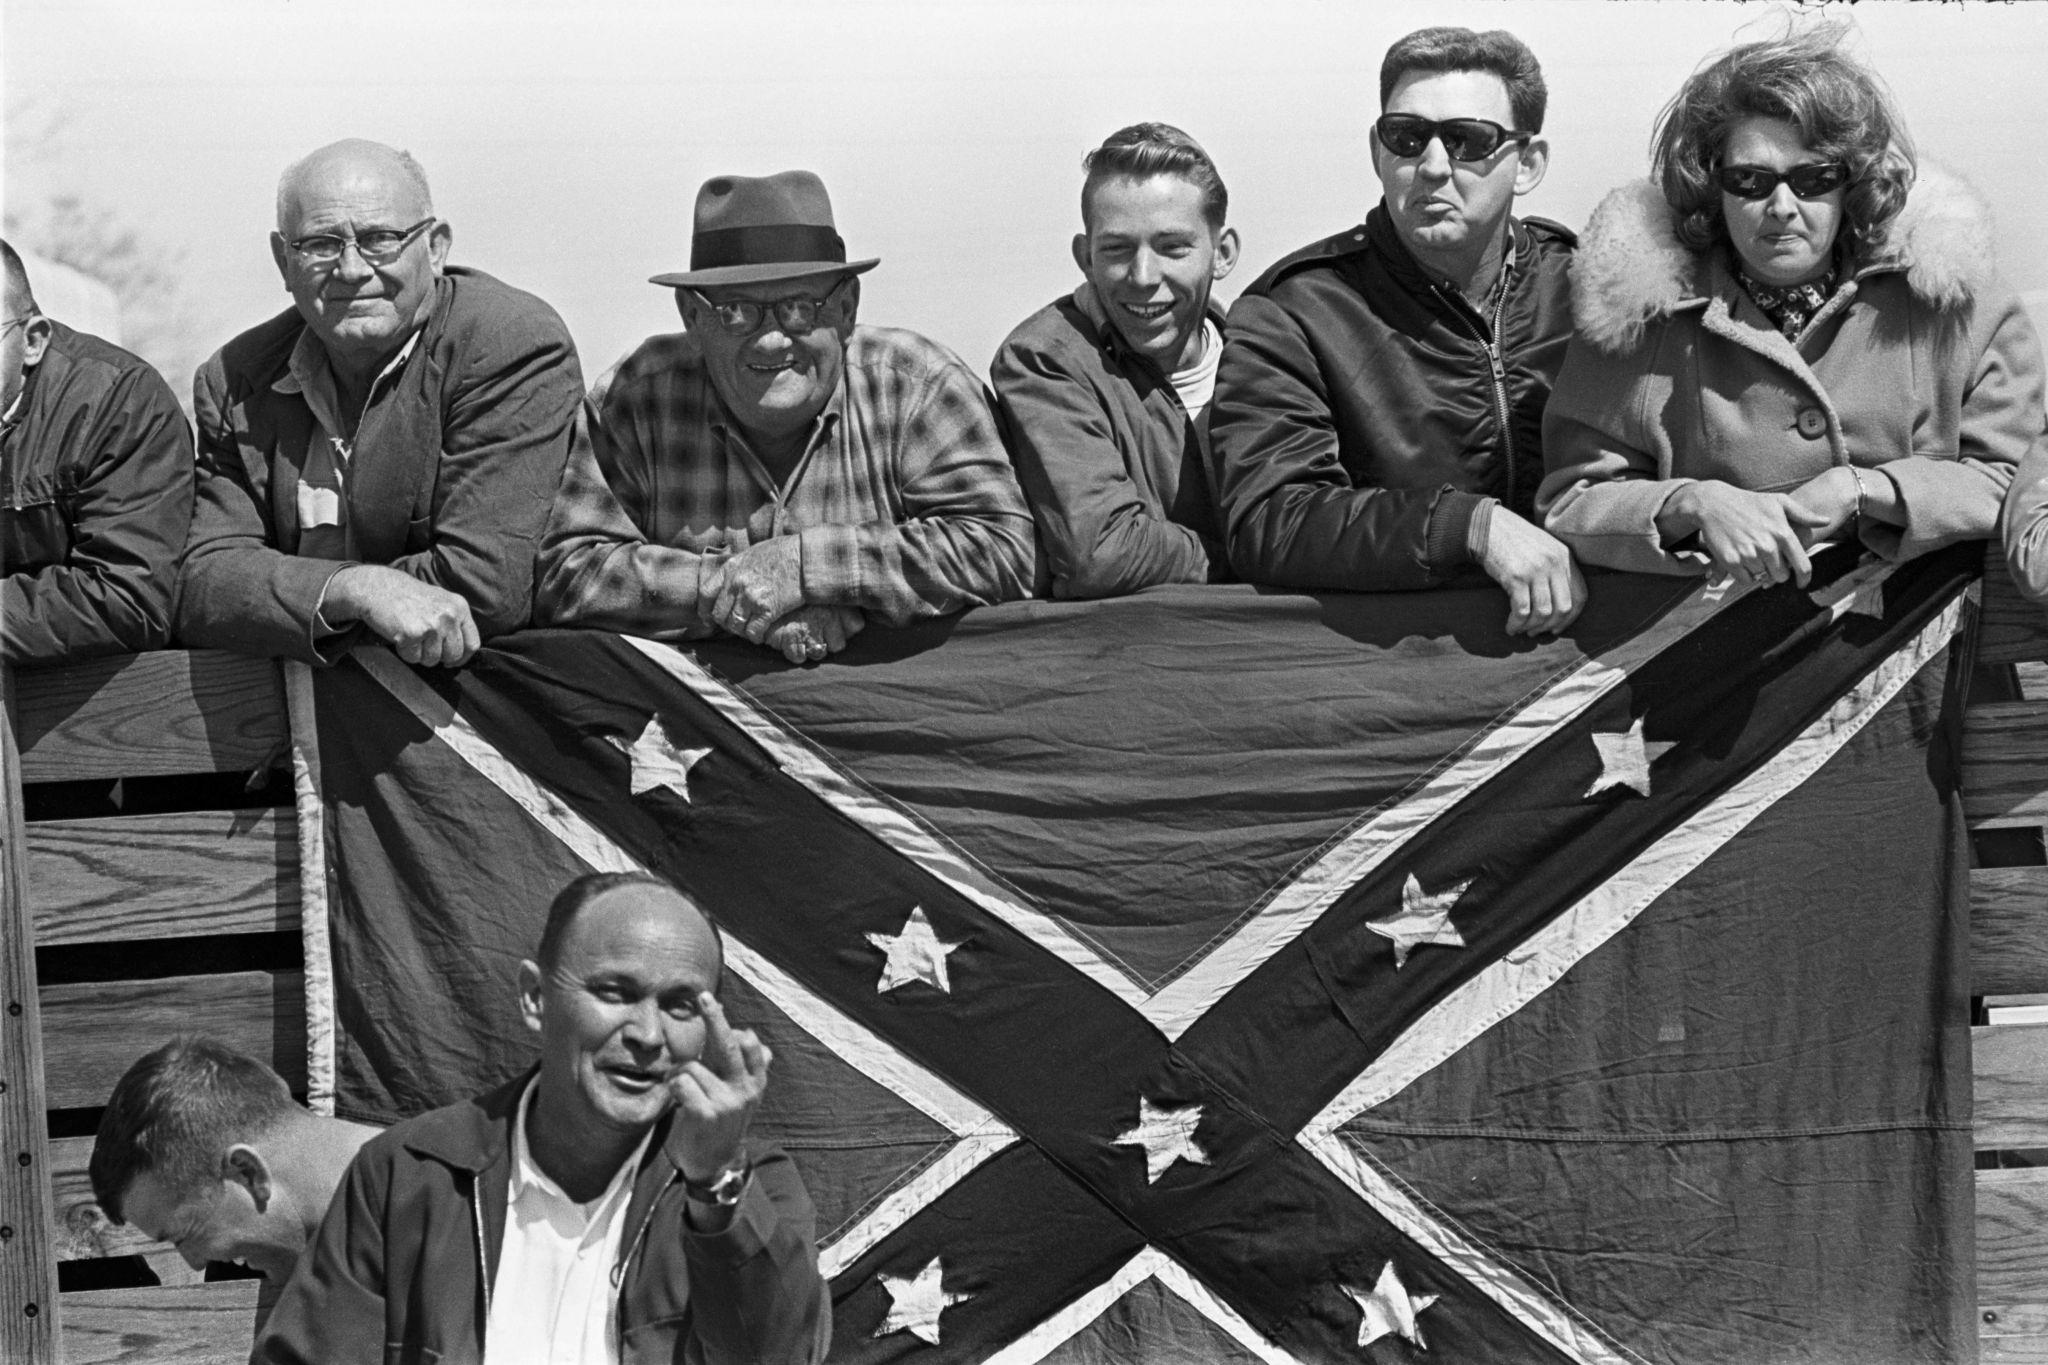 Brancos confrontam os marchantes por detras da bandeira da Confederação, um mostra o dedo